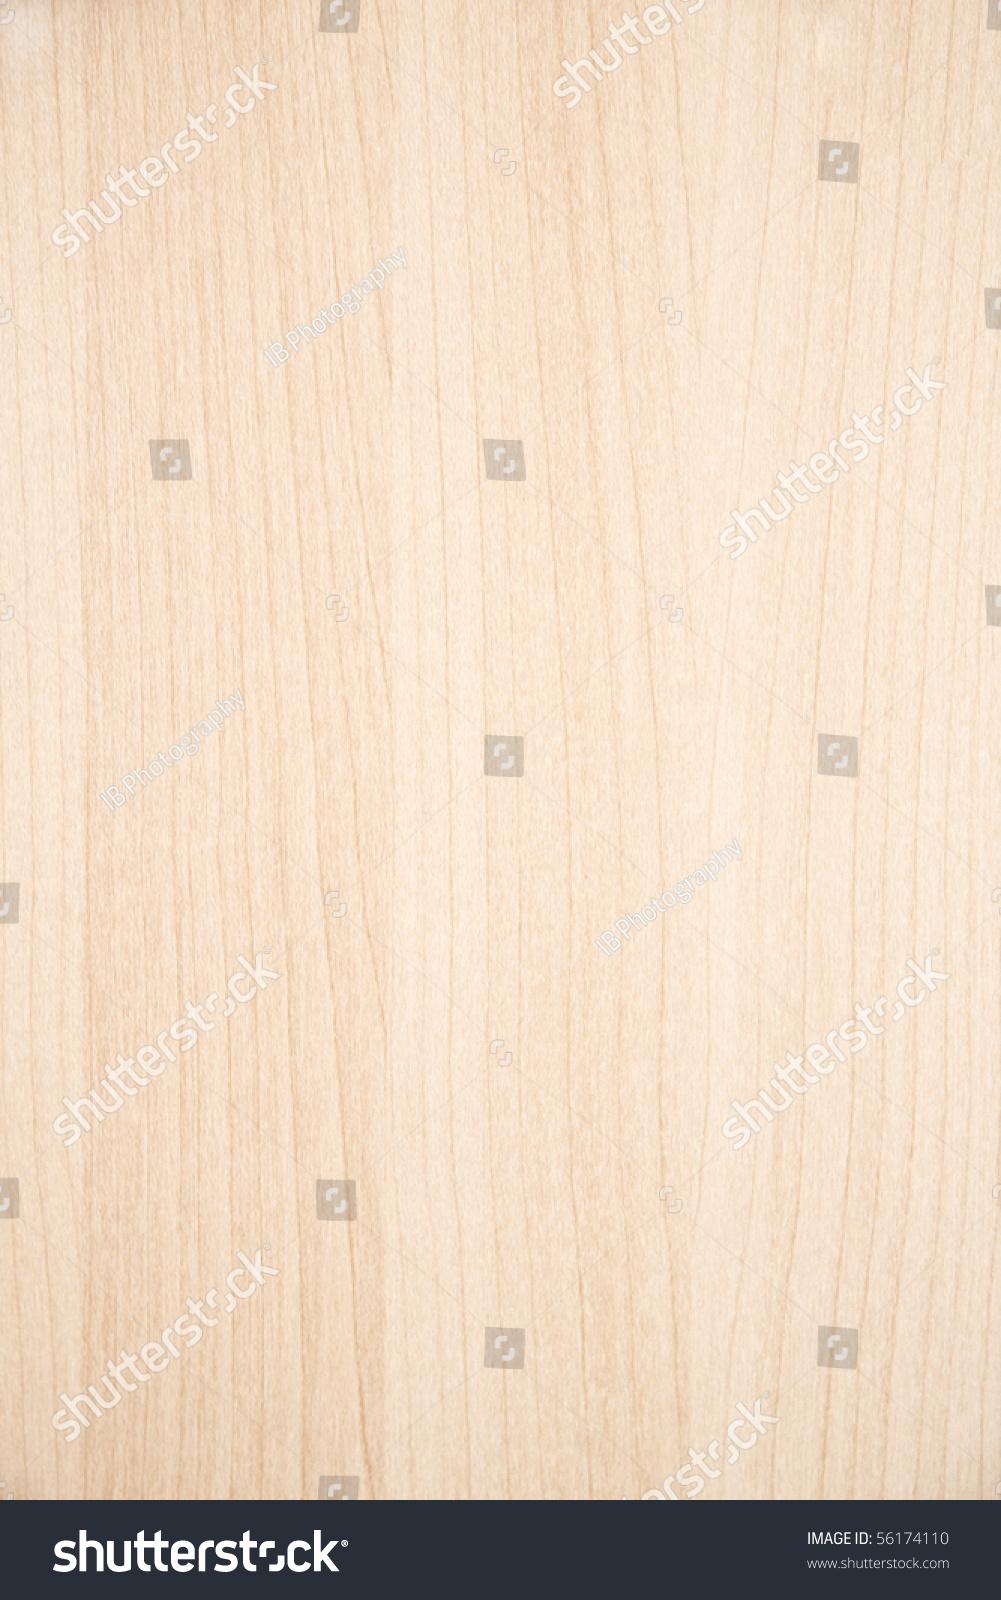 木材的纹理背景特写